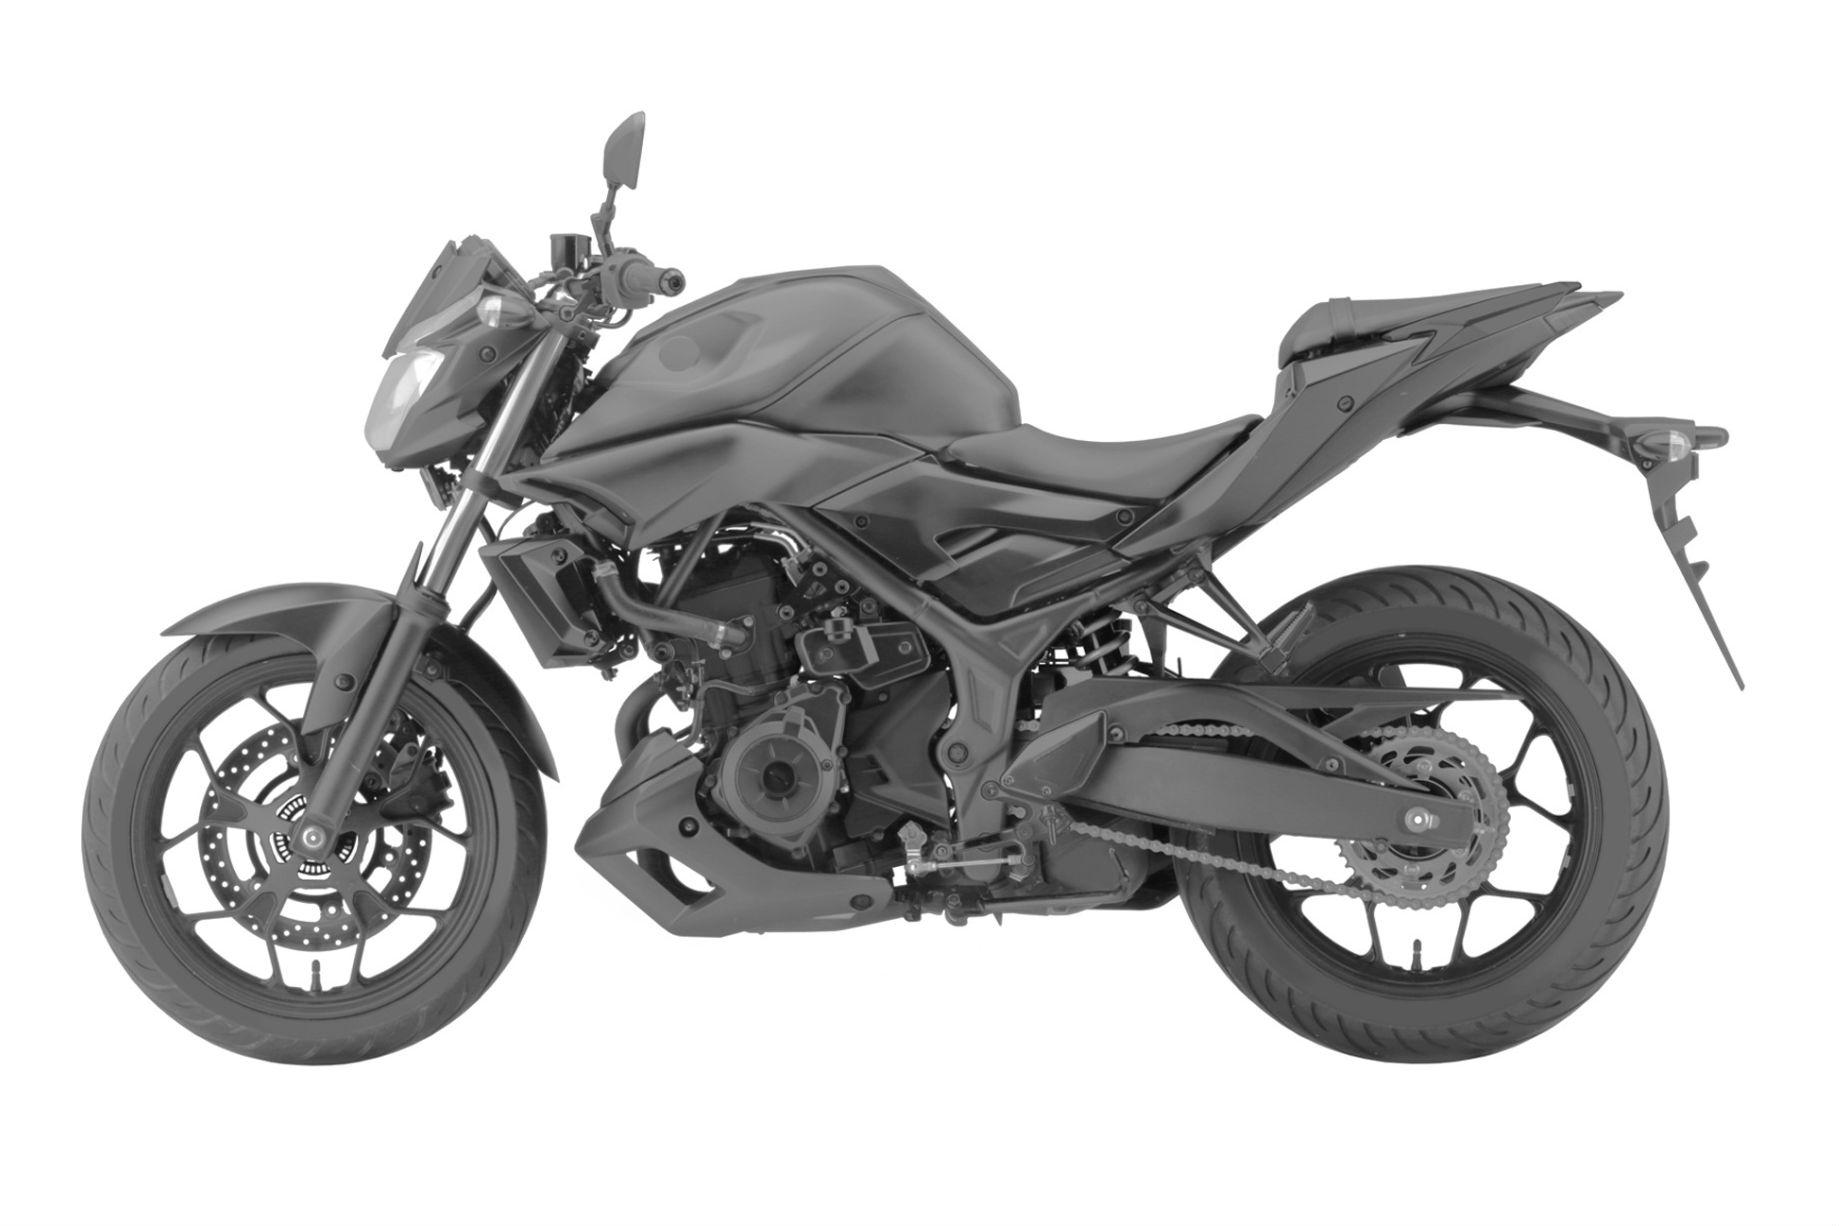 Yamaha MT-03 revealed?